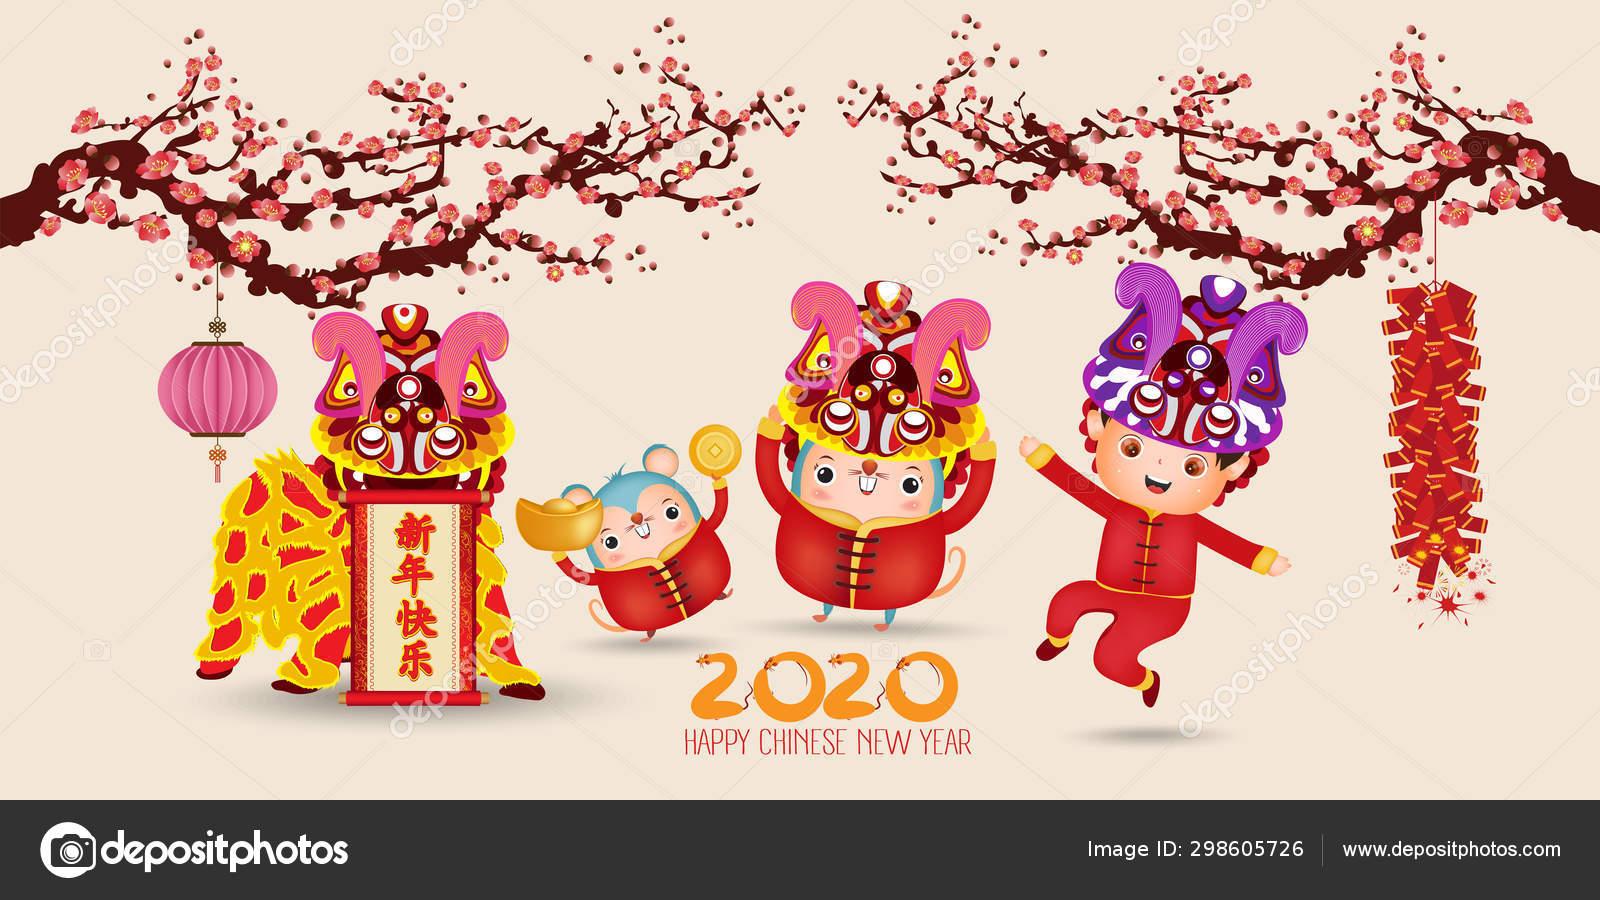 Happy Chinese New Year Eve 2020 1600x900 Wallpaper Teahub Io